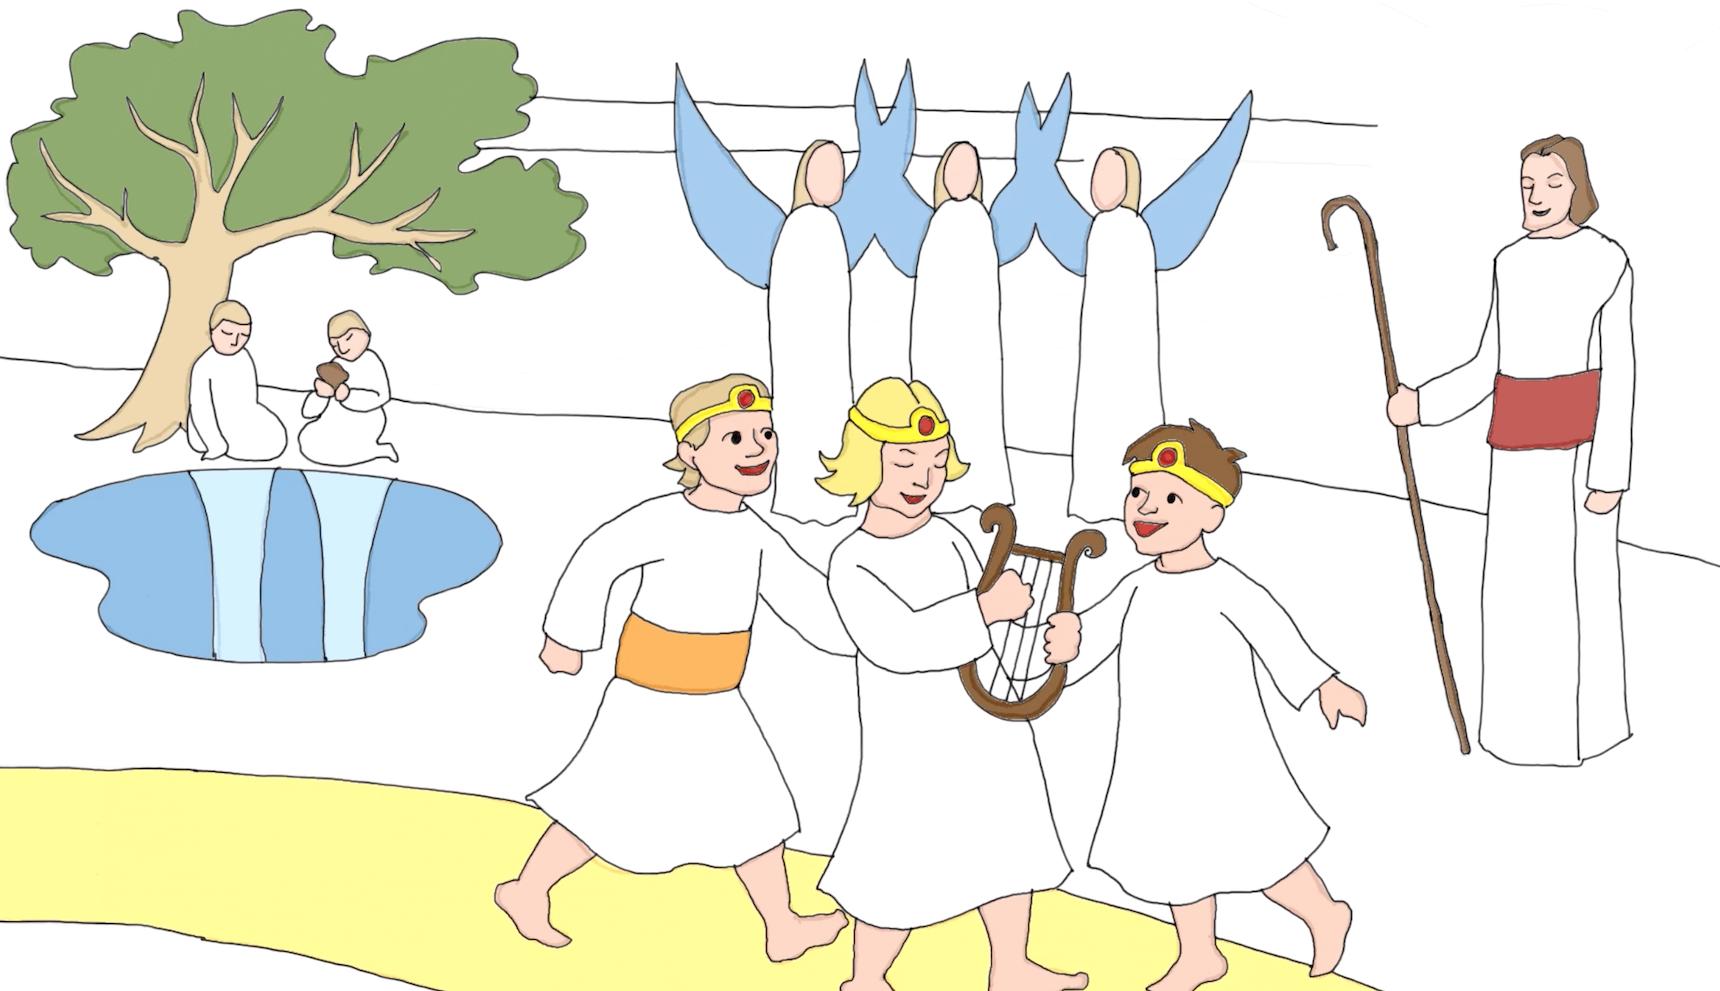 Onpa taivaassa tarjona lapsillekin